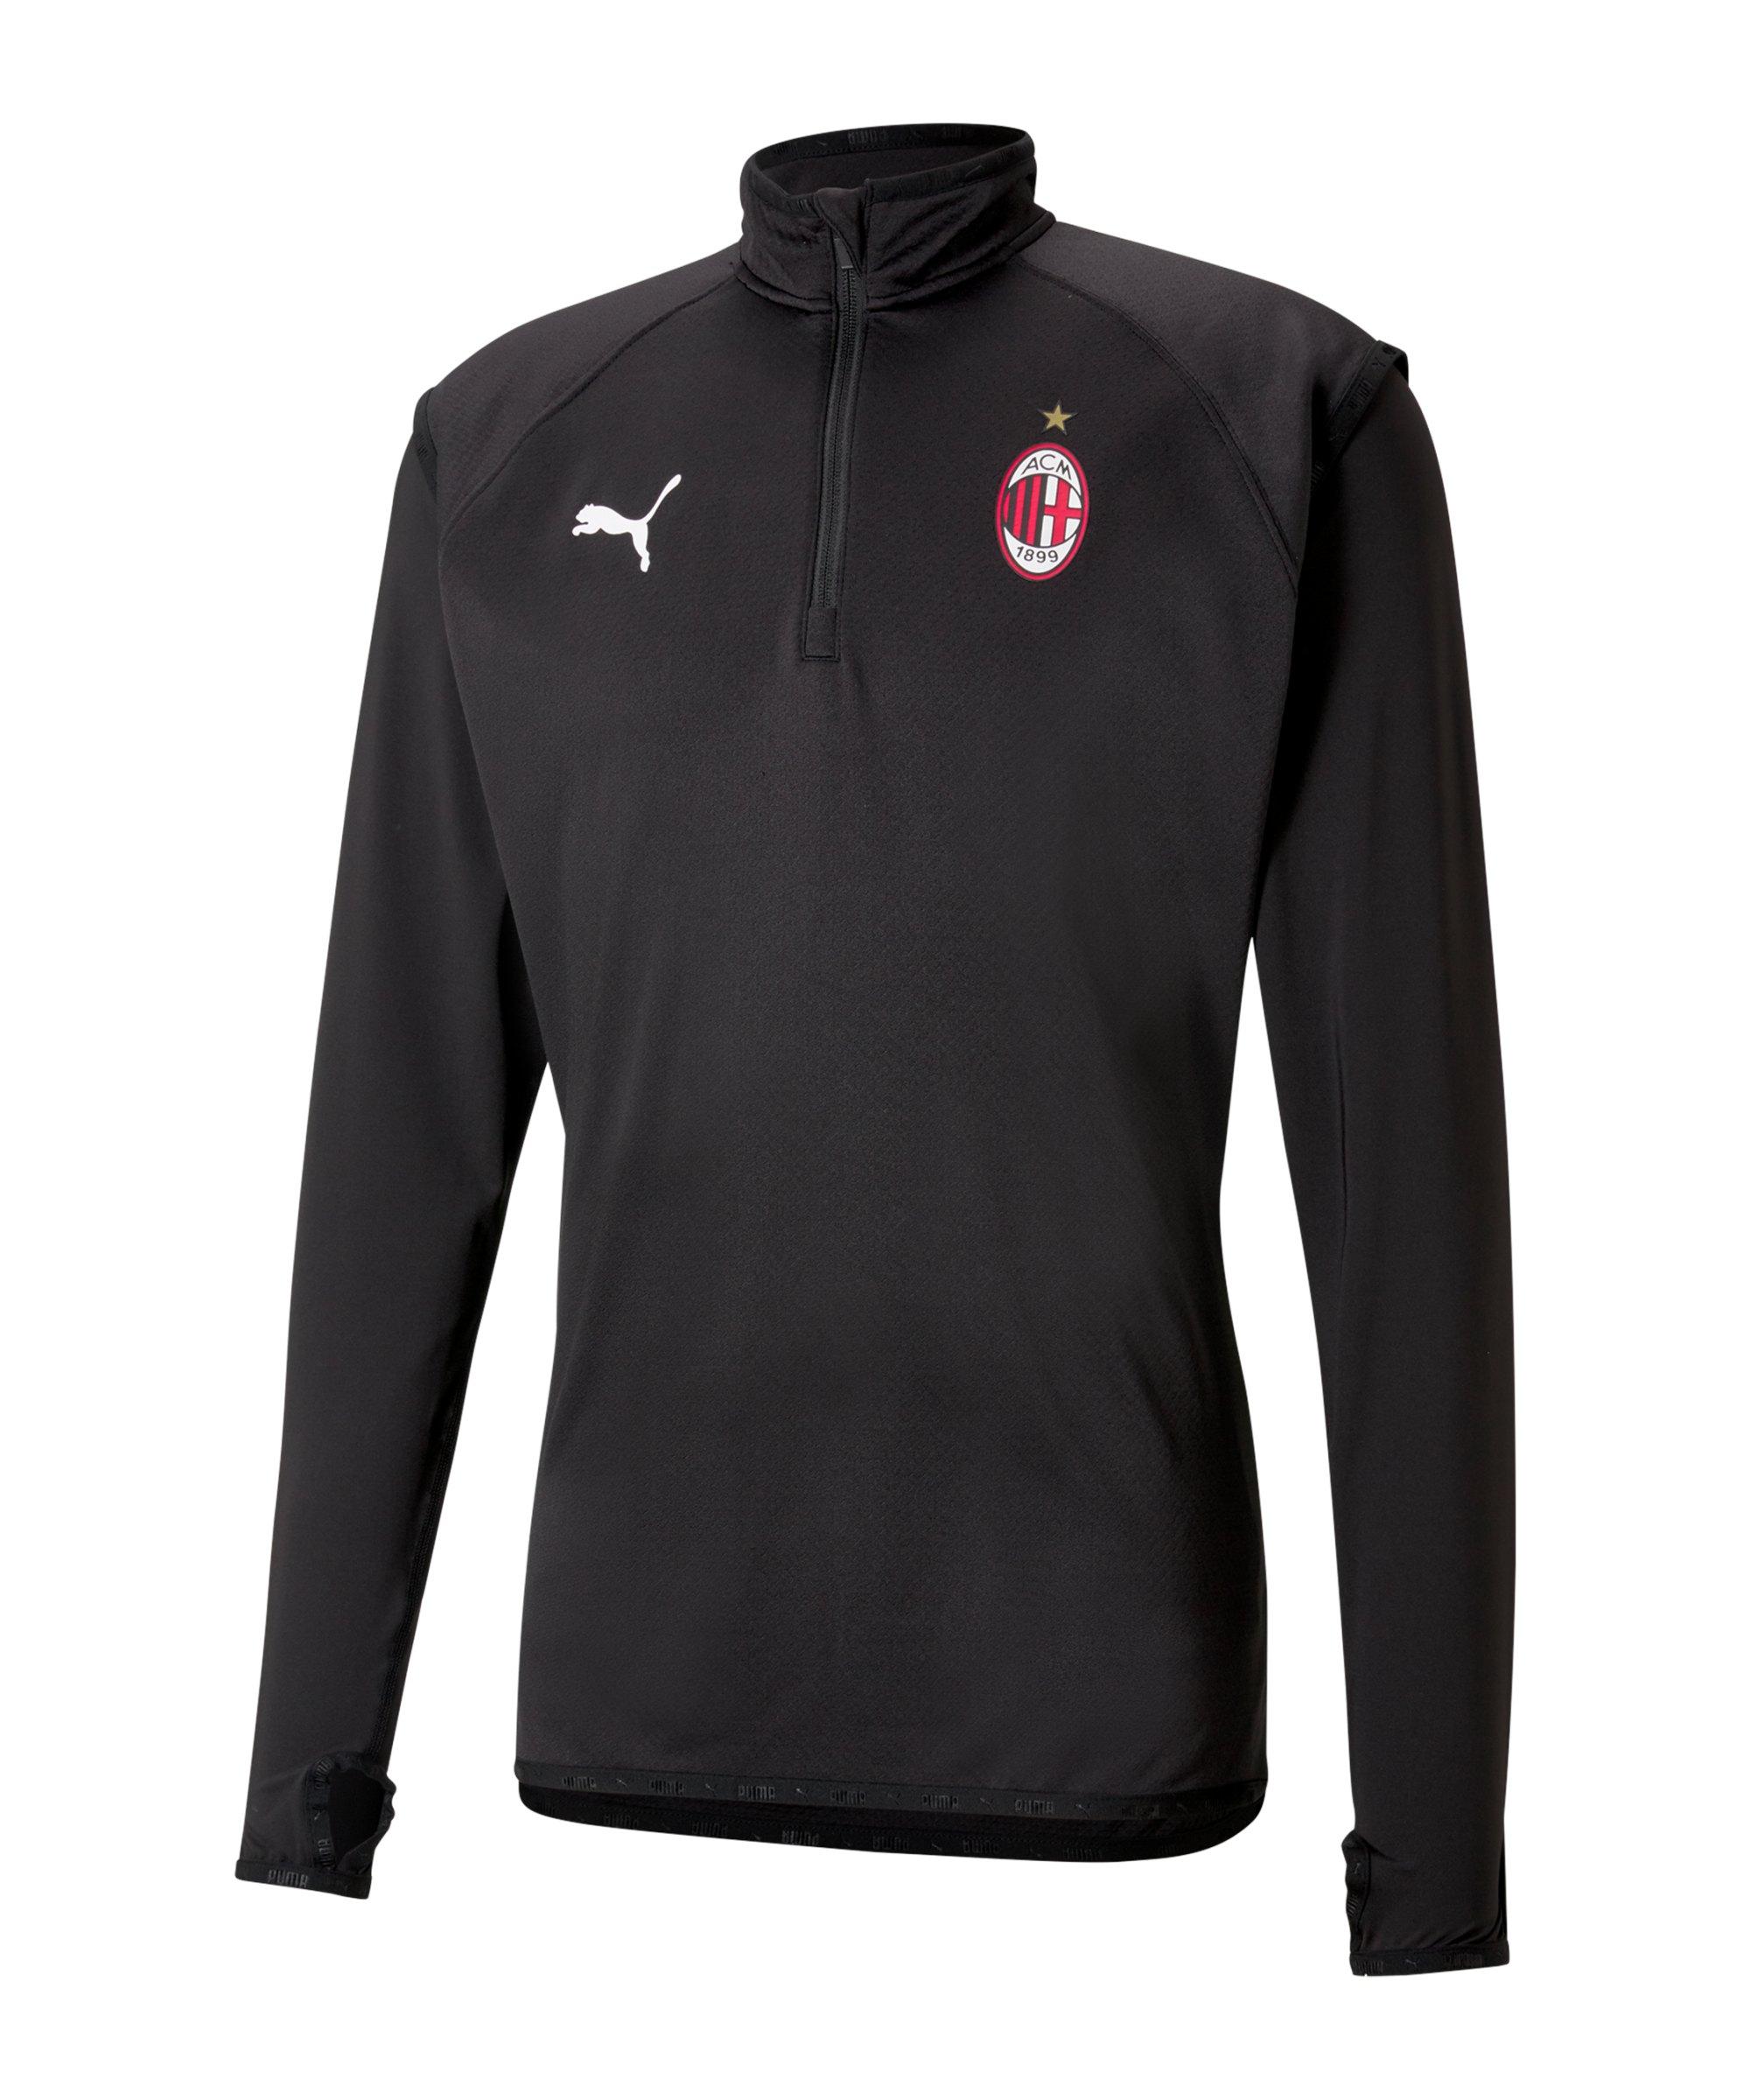 PUMA AC Mailand 1/4 Zip Top Schwarz F02 - schwarz